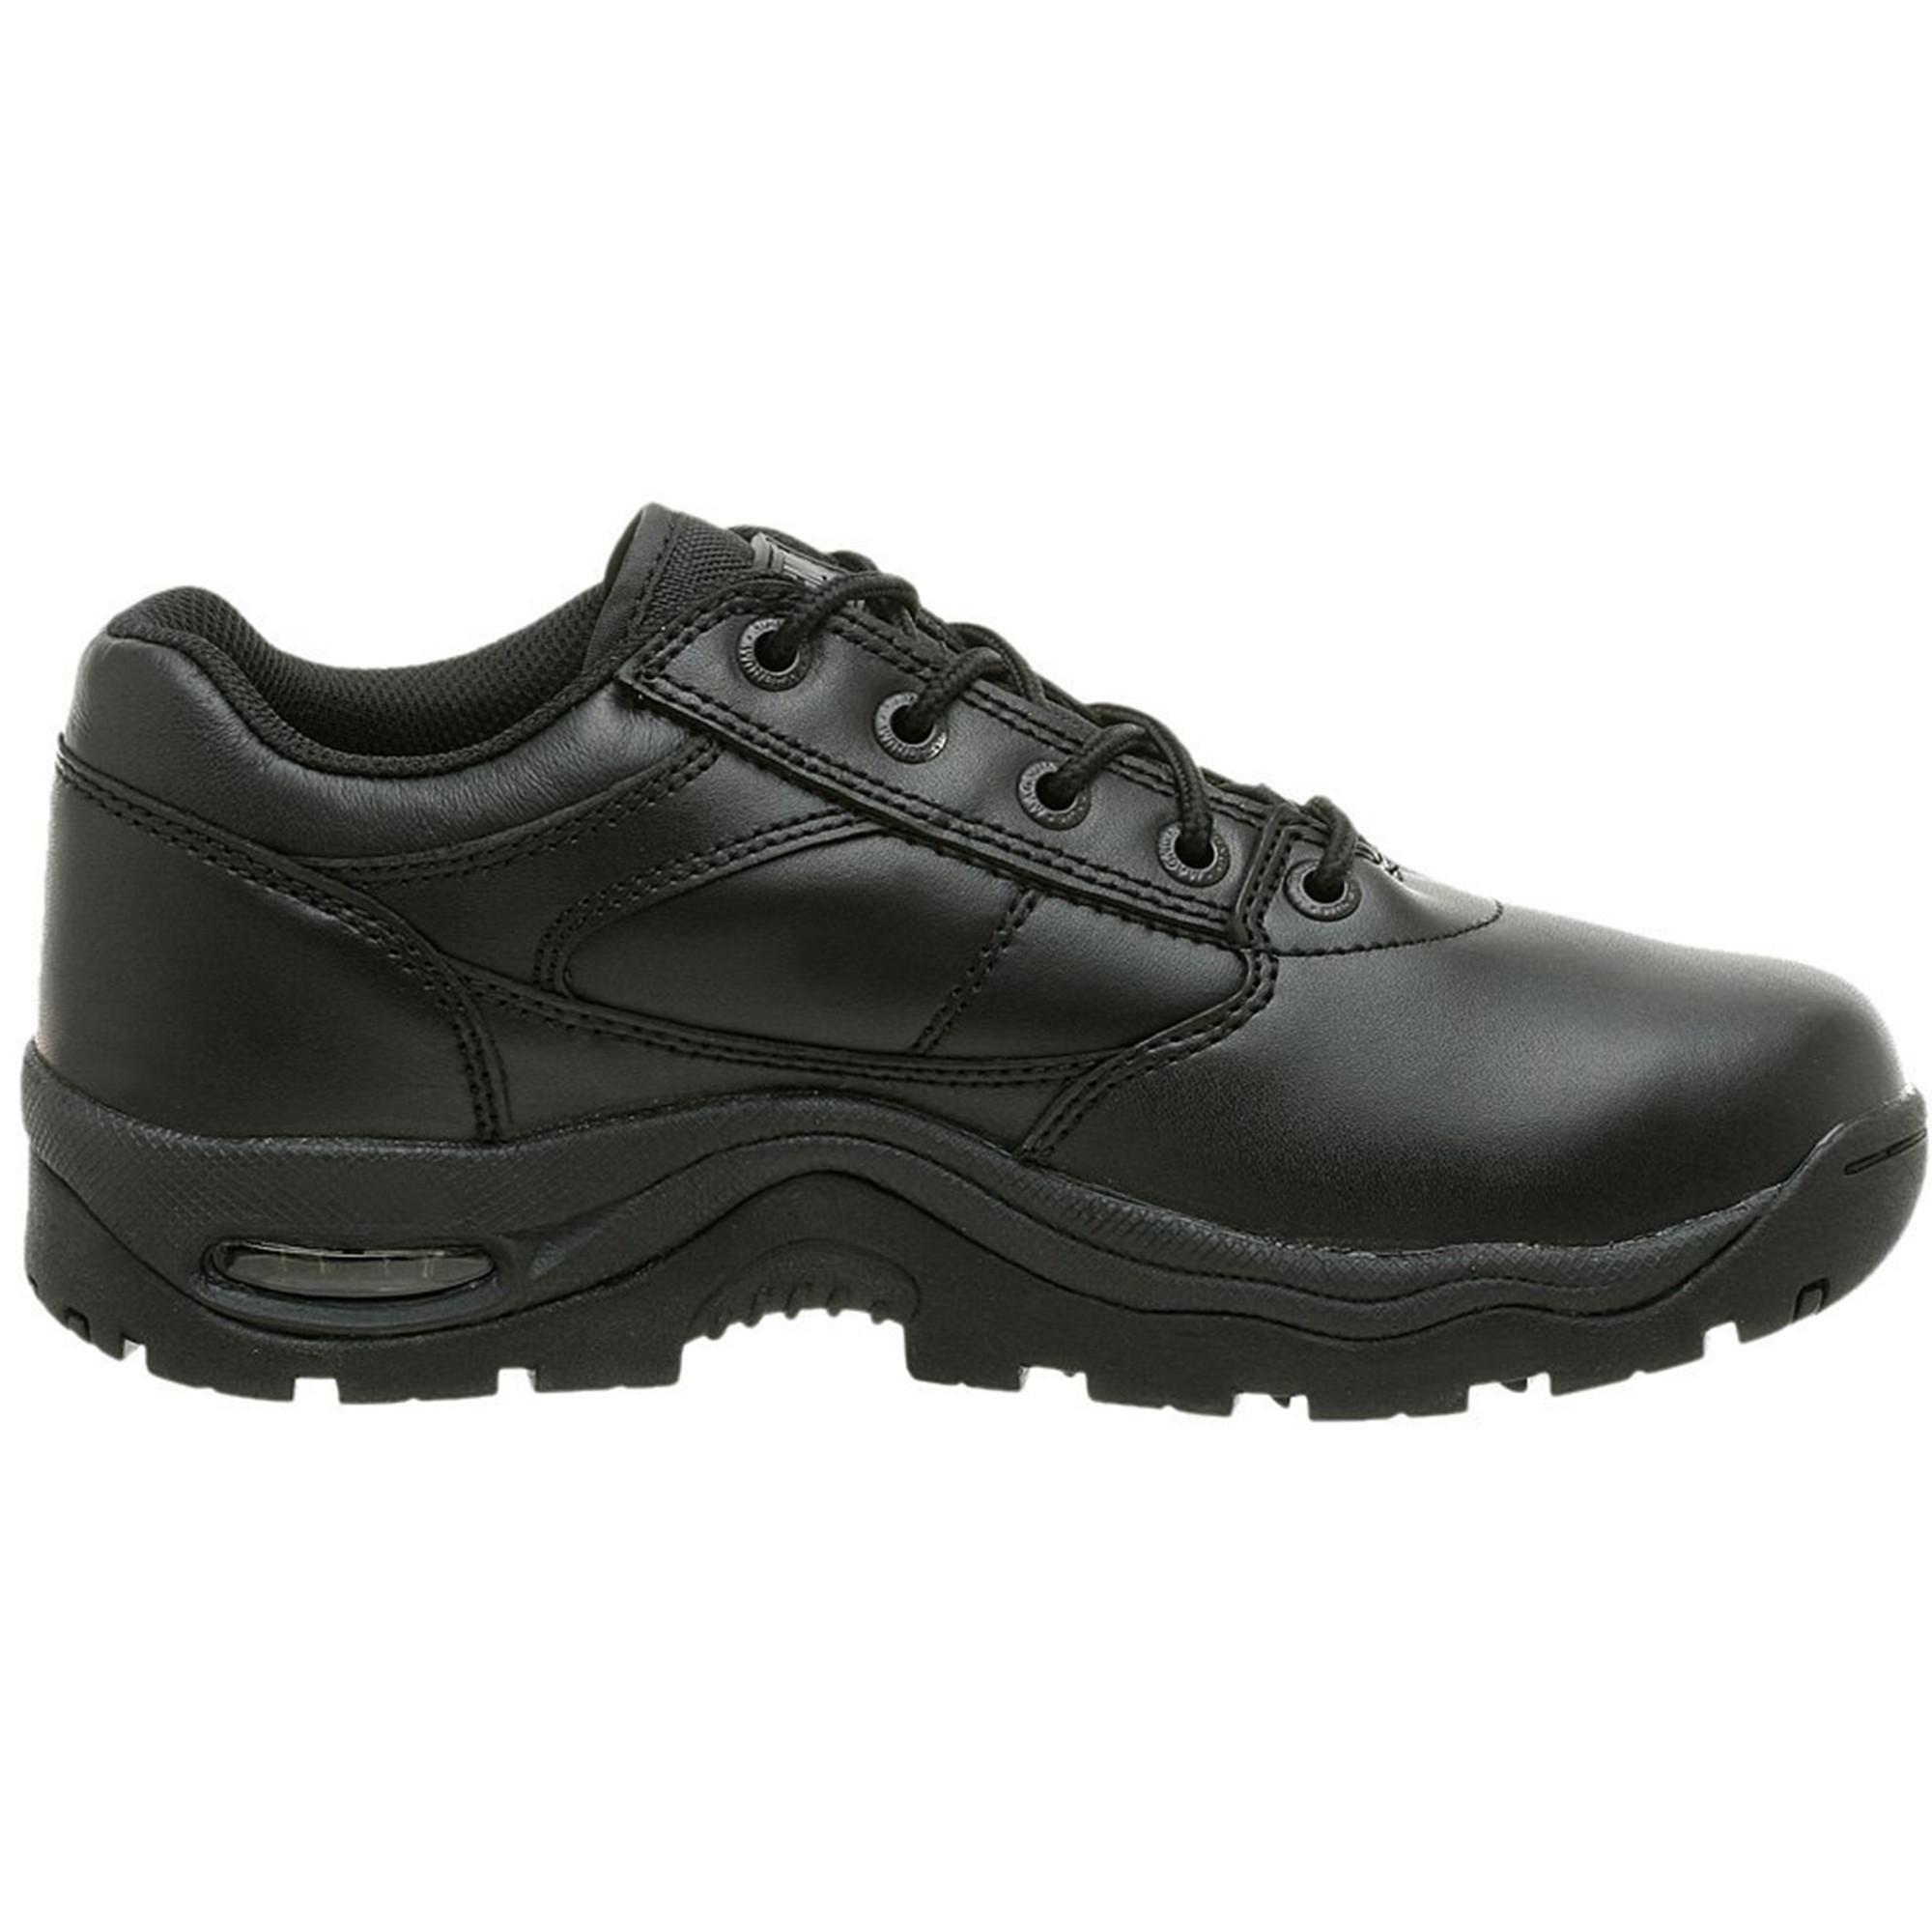 magnum viper shoes